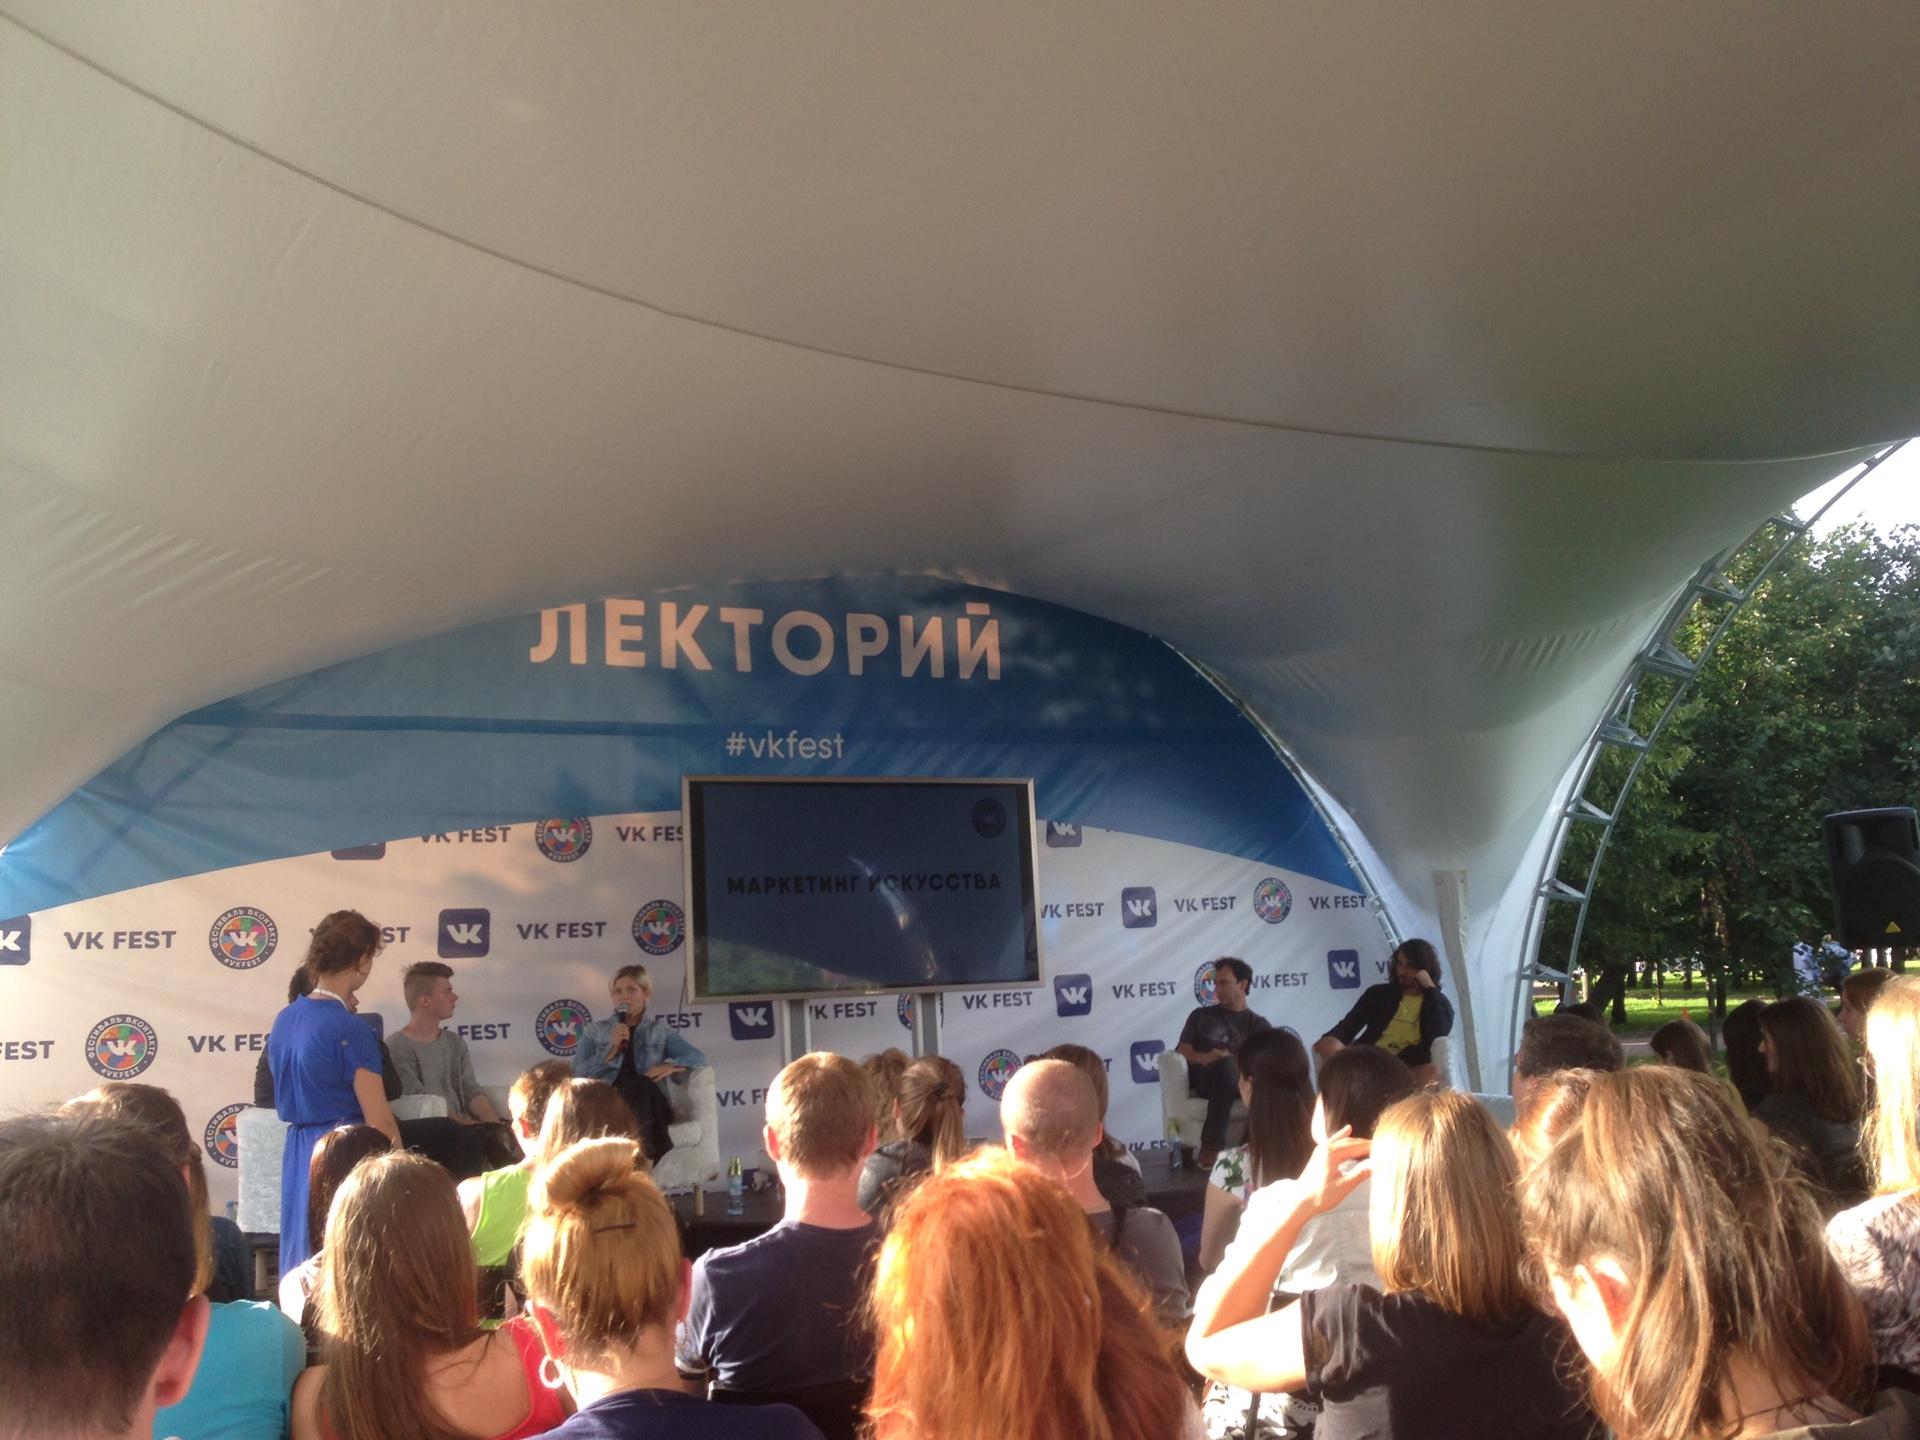 Впервые в нашей стране программа была показана в 1994г в москве, санкт-петербурге и ялте